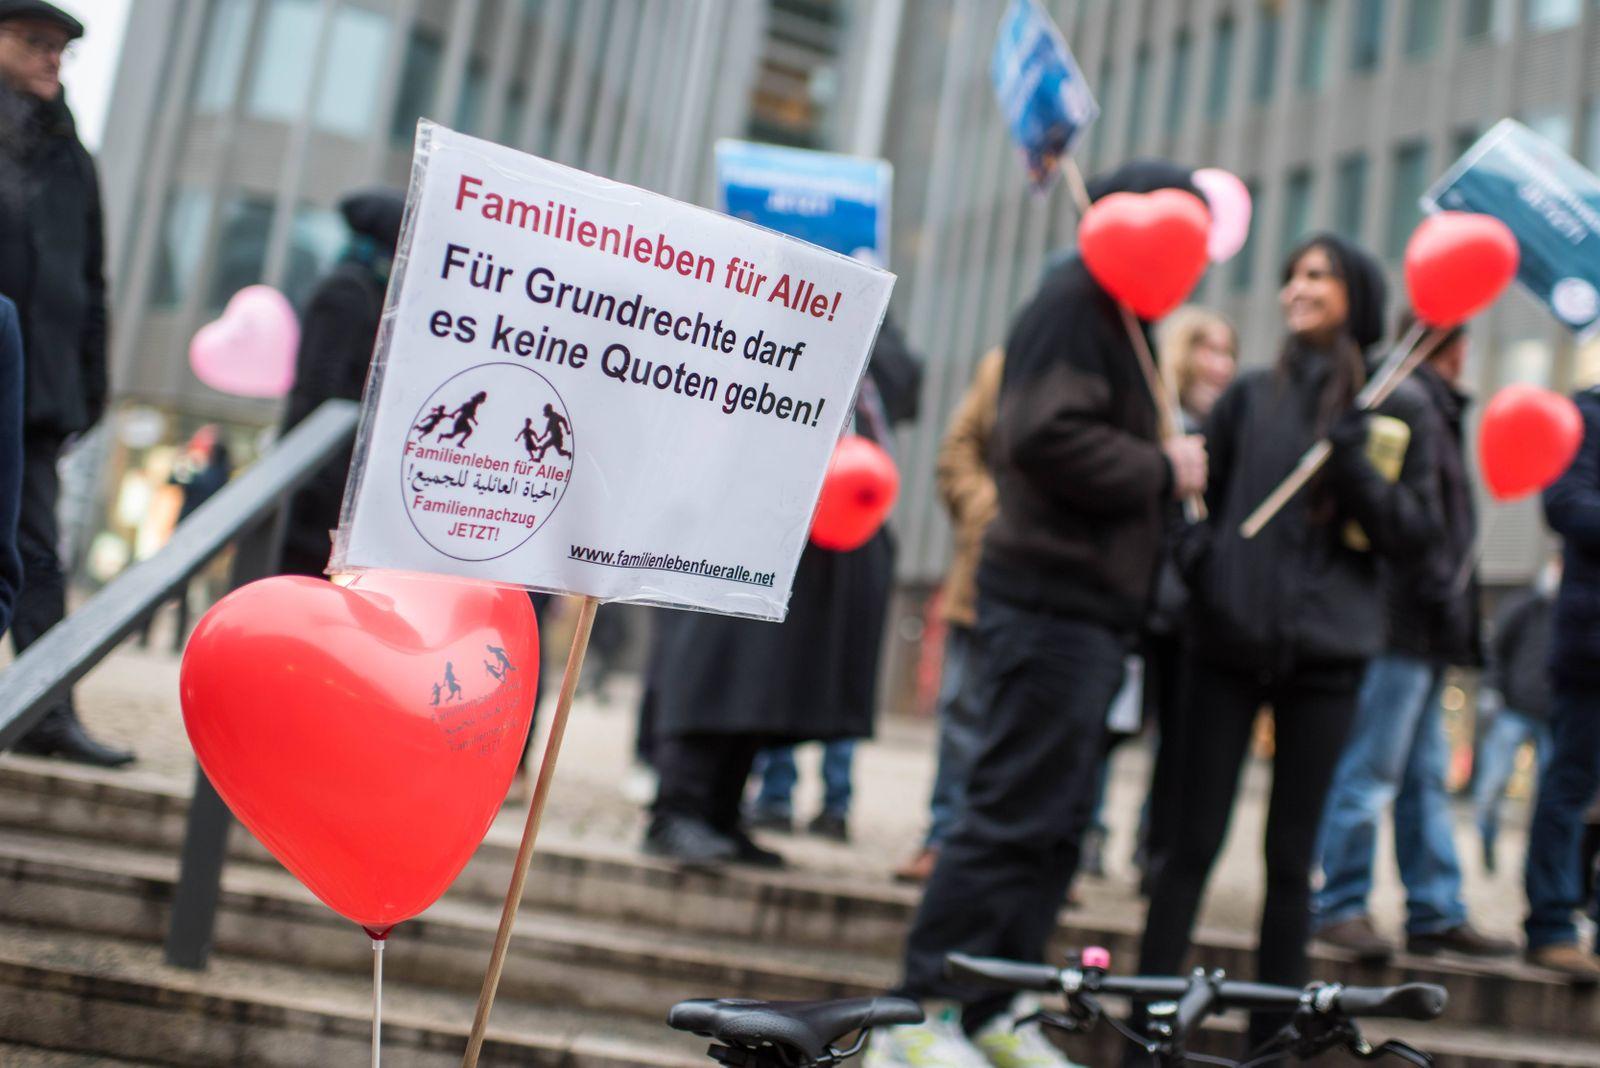 Menschenrechts und Hilfsorganisationen haben am Samstag 02 02 19 in Berlin fuer ein uneingeschrae